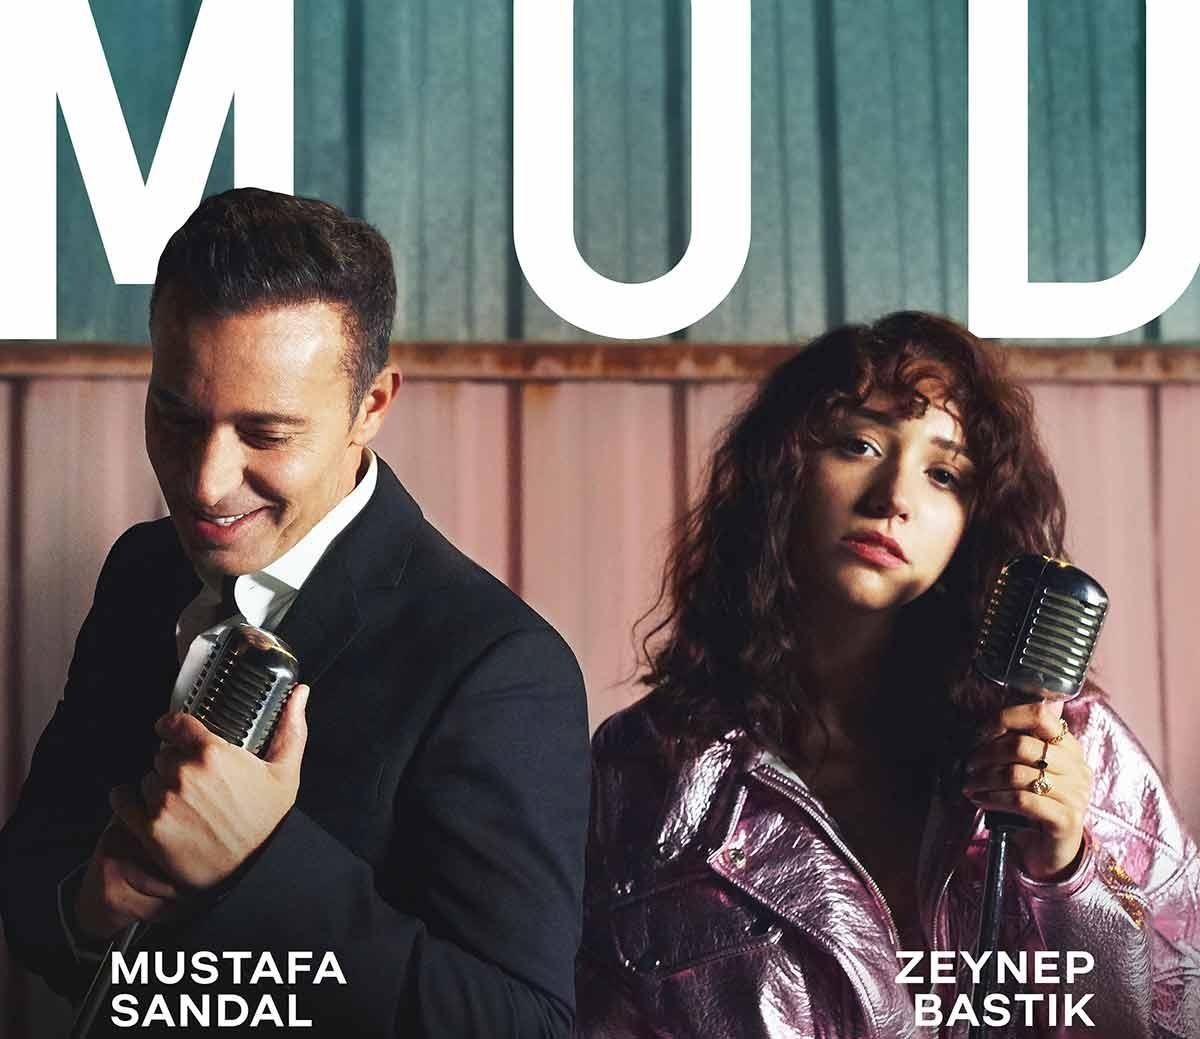 Mustafa Sandal Zeynep Bastik Dueti Mod Haberekspresi Net Sarkilar Sarki Sozleri Insan